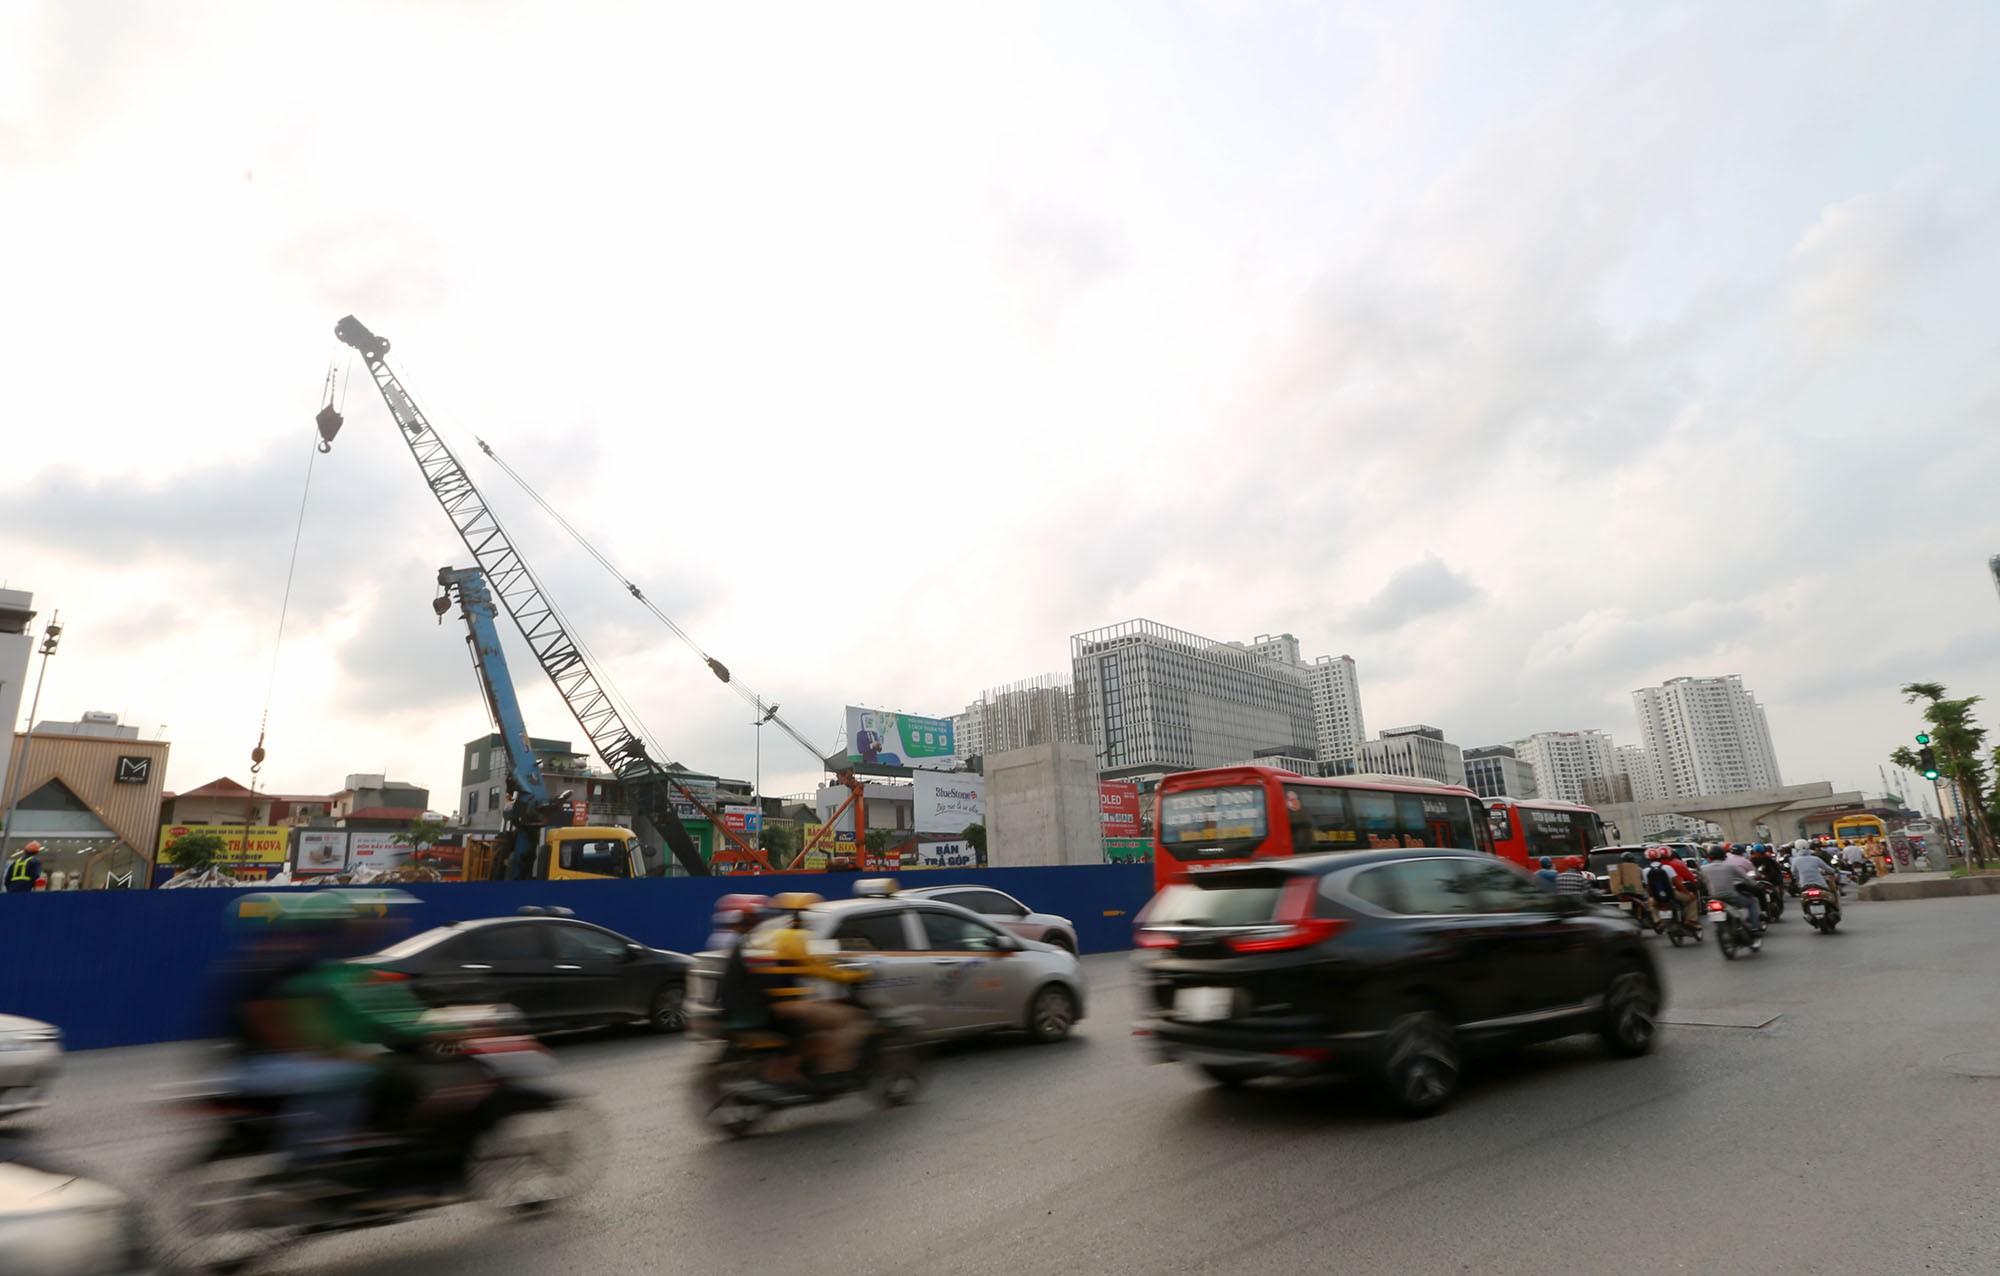 Hà Nội: Đường Phạm Văn Đồng vẫn ngổn ngang hơn 1 năm thi công dự án cao tốc trên cao - Ảnh 1.